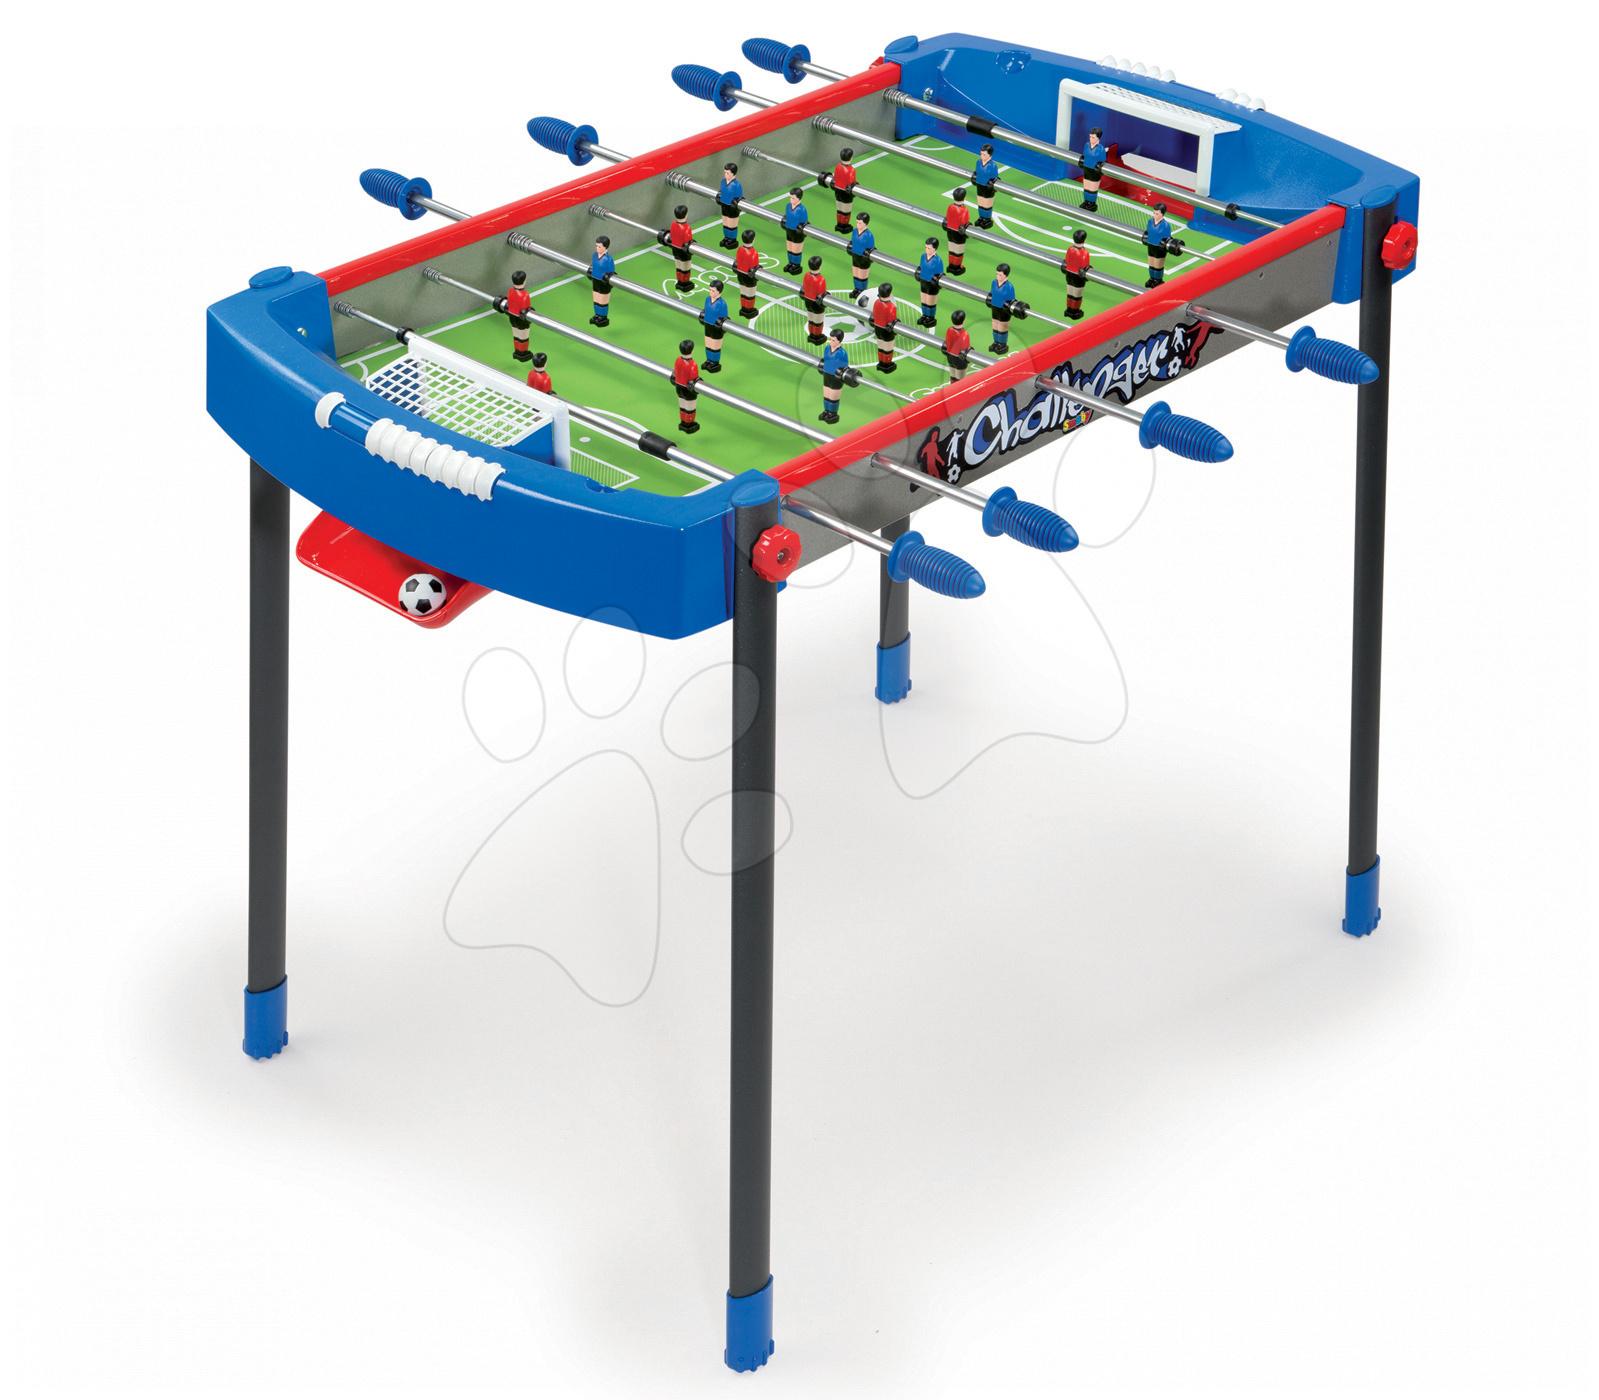 Stolný futbal - Futbalový stôl Challenger Smoby s 2 loptičkami modro-červený od 6 rokov